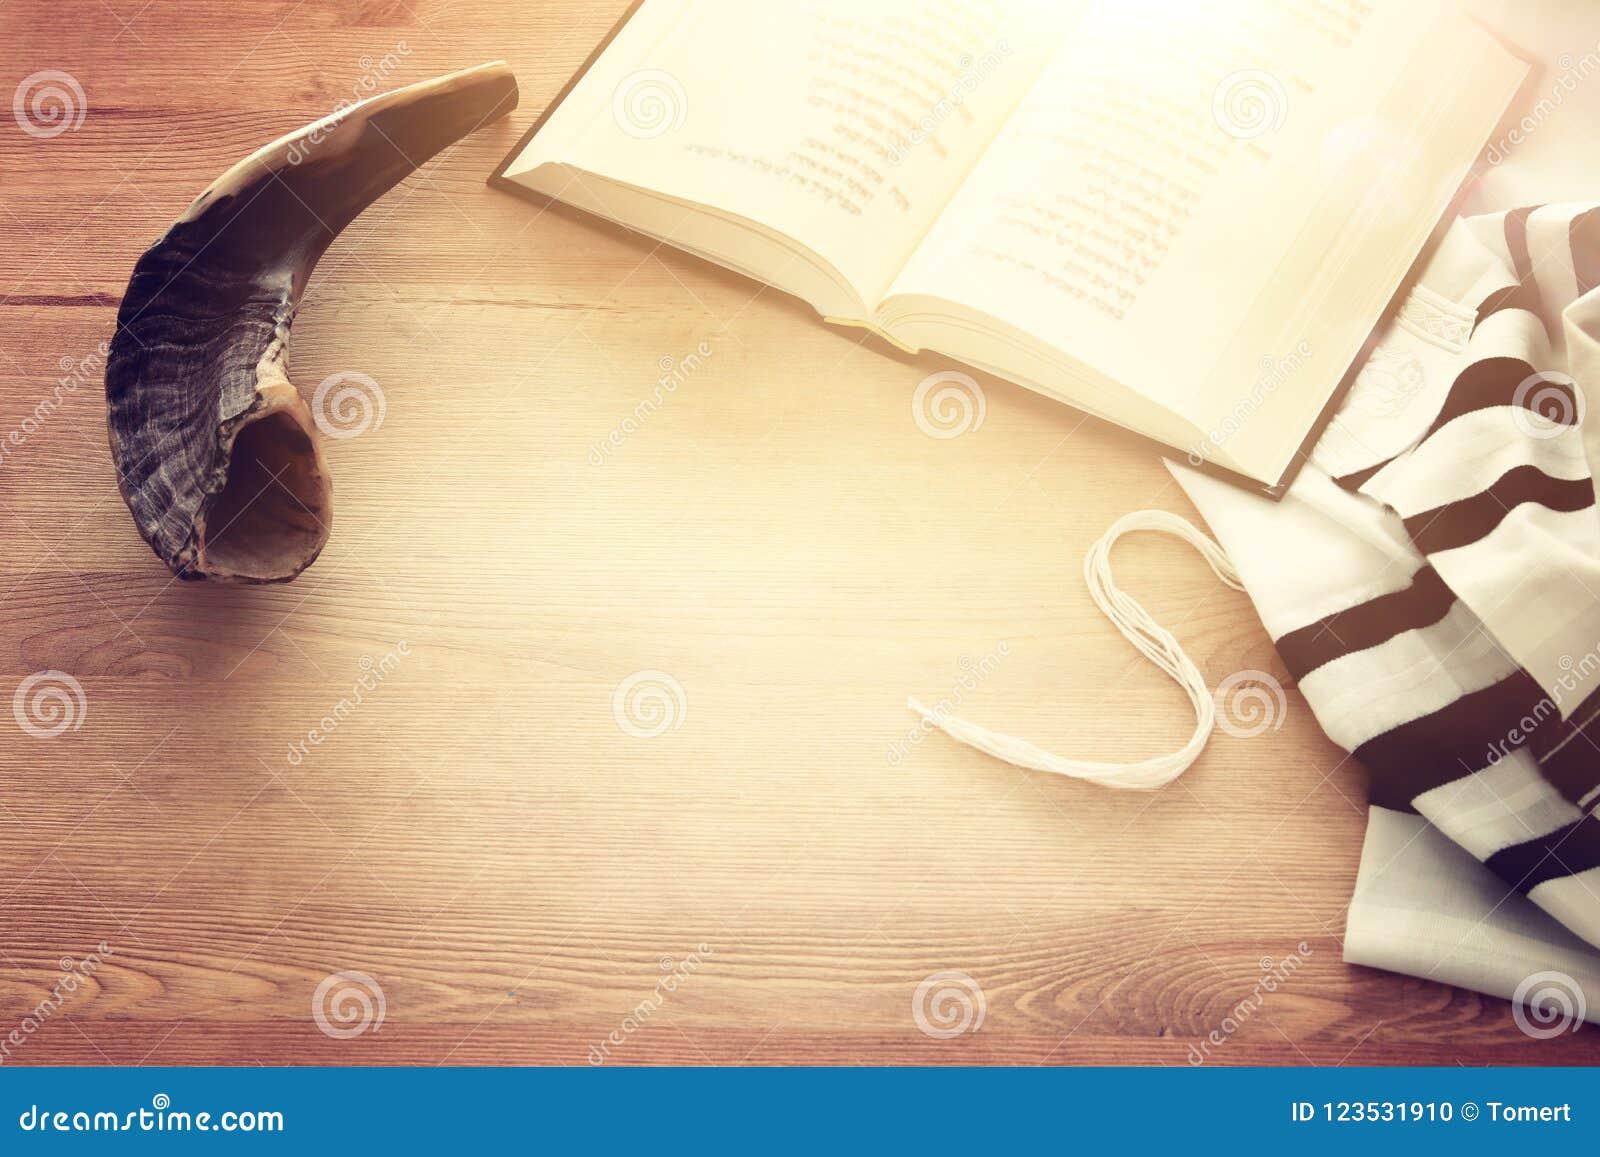 Gebets-Schal - Buch Tallit, des Gebets und Shofarhorn jüdische religiöse Symbole Rosh-hashanah jüdischer Neujahrsfeiertag, Shabba